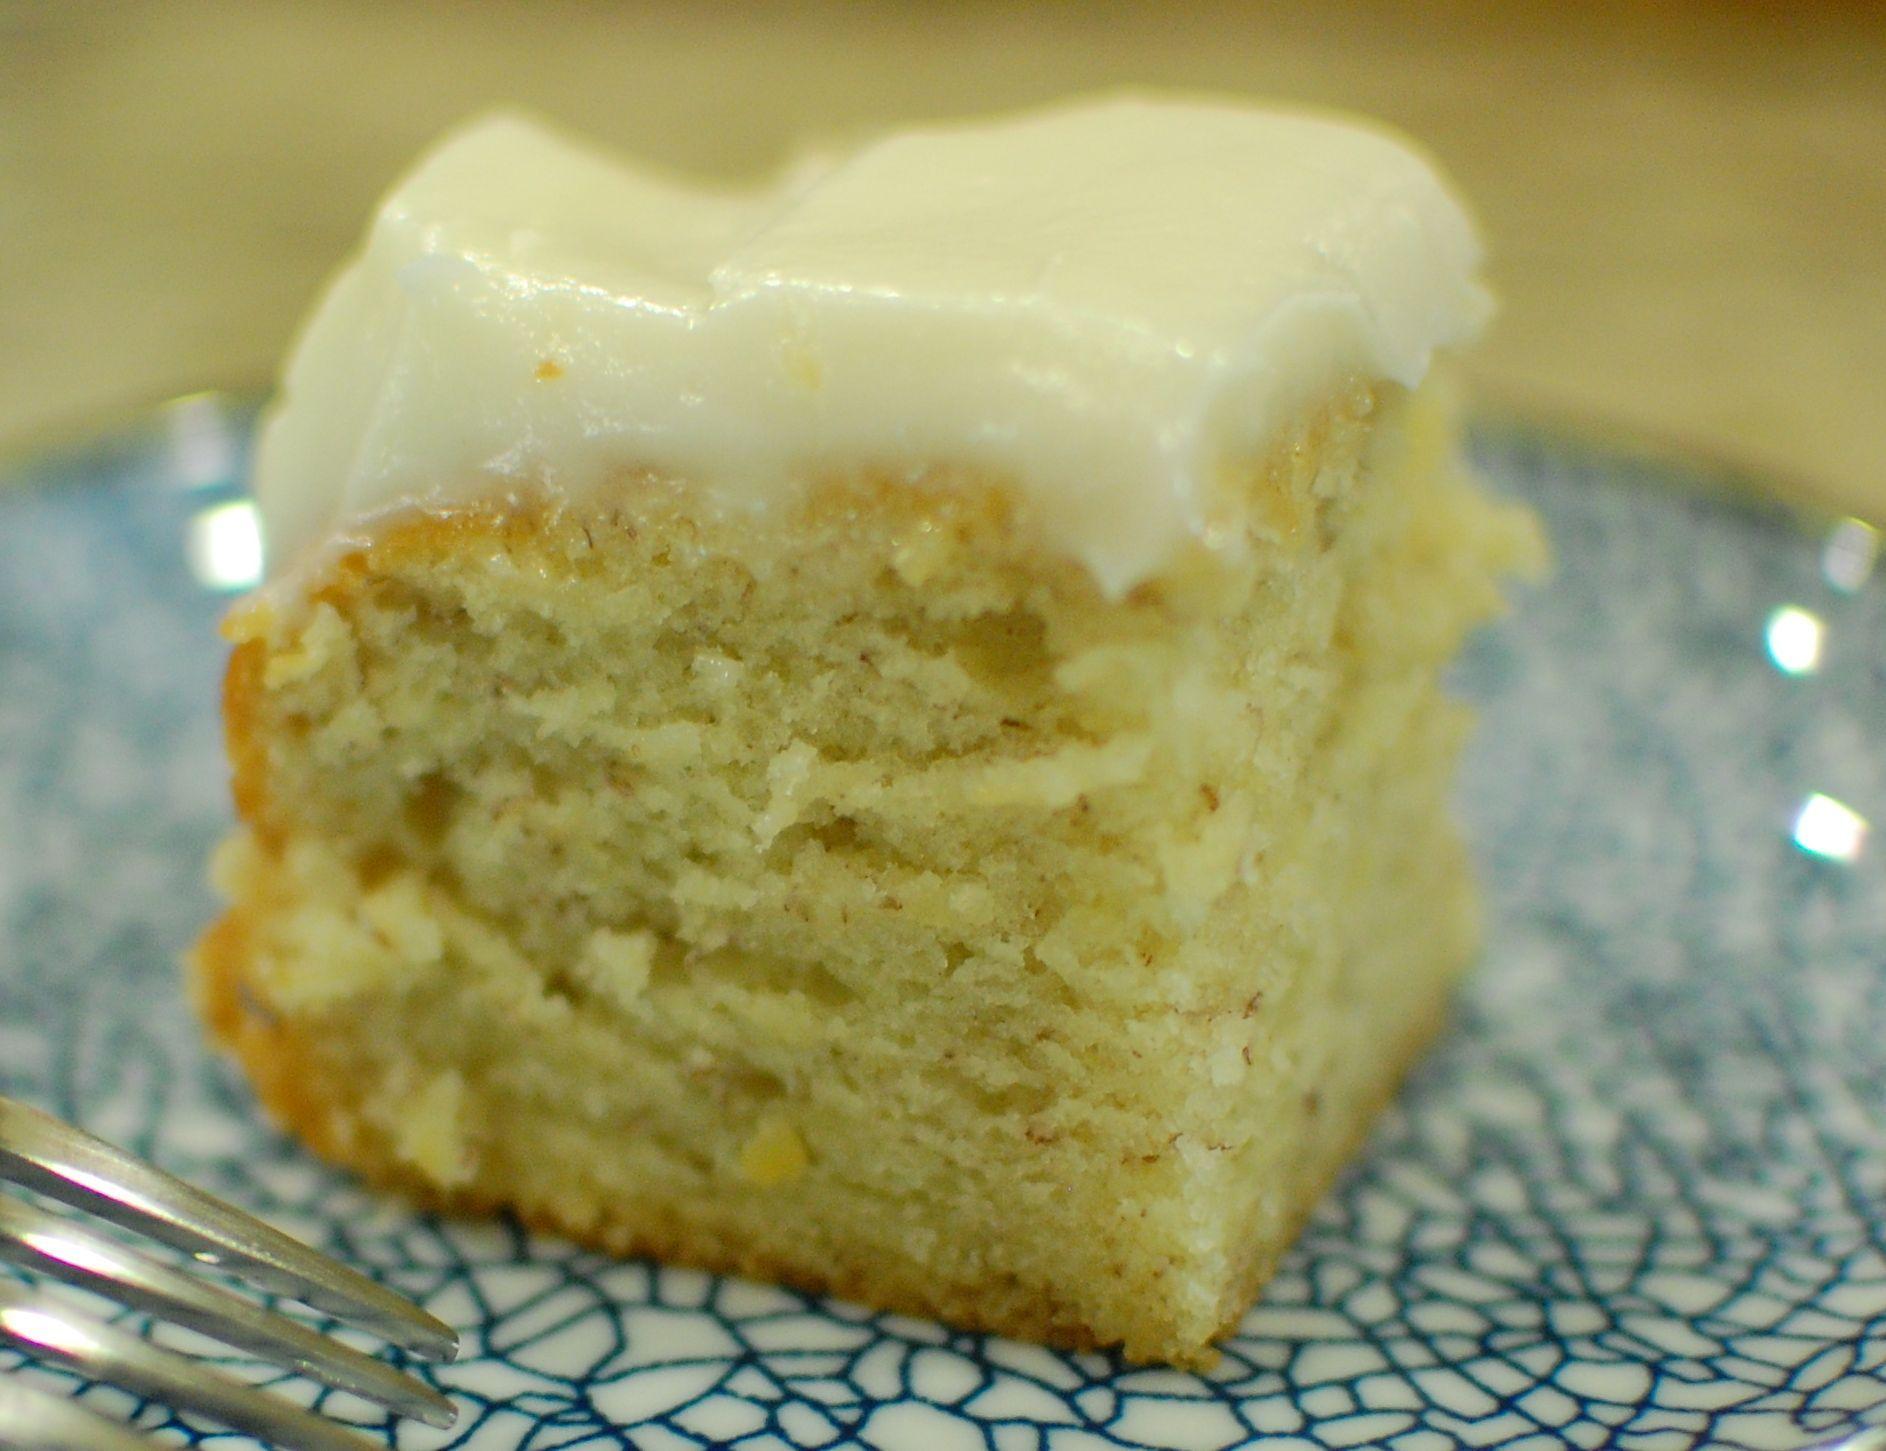 Banana cake entenmanns old banana cake copycat recipe